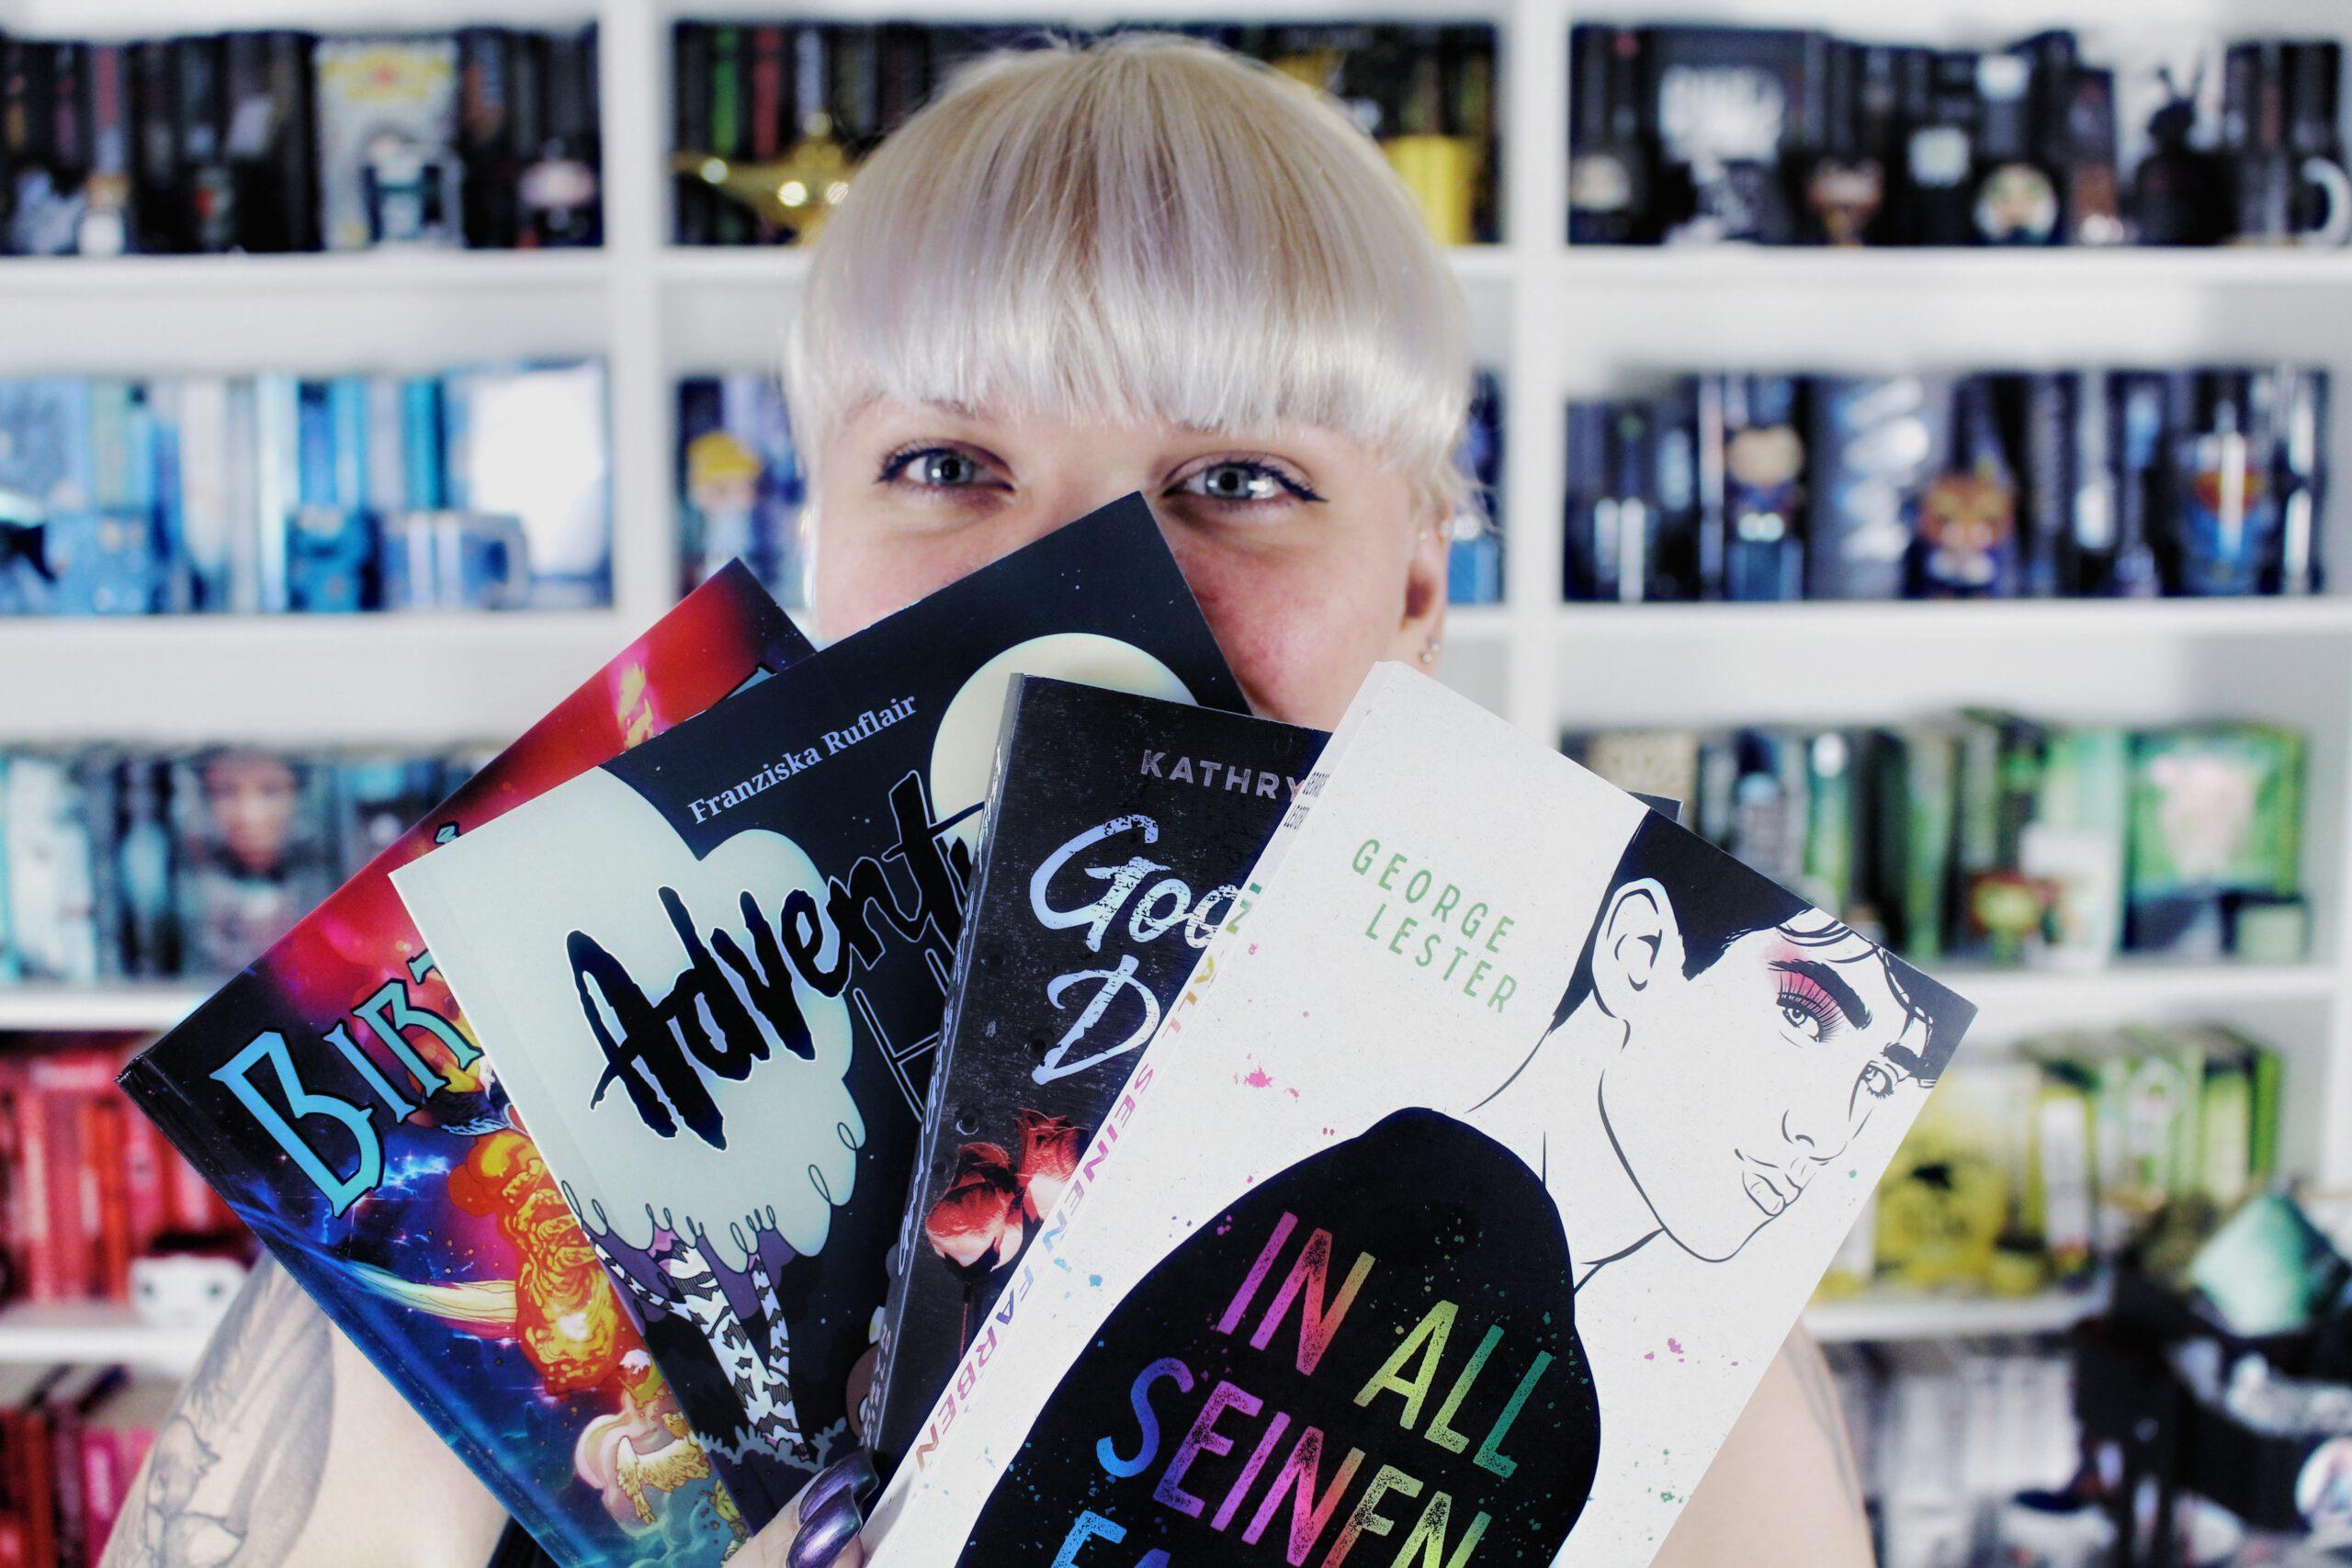 [Wochenrückblick] Zahnarzt, Lesezeit & viele neue Bücher